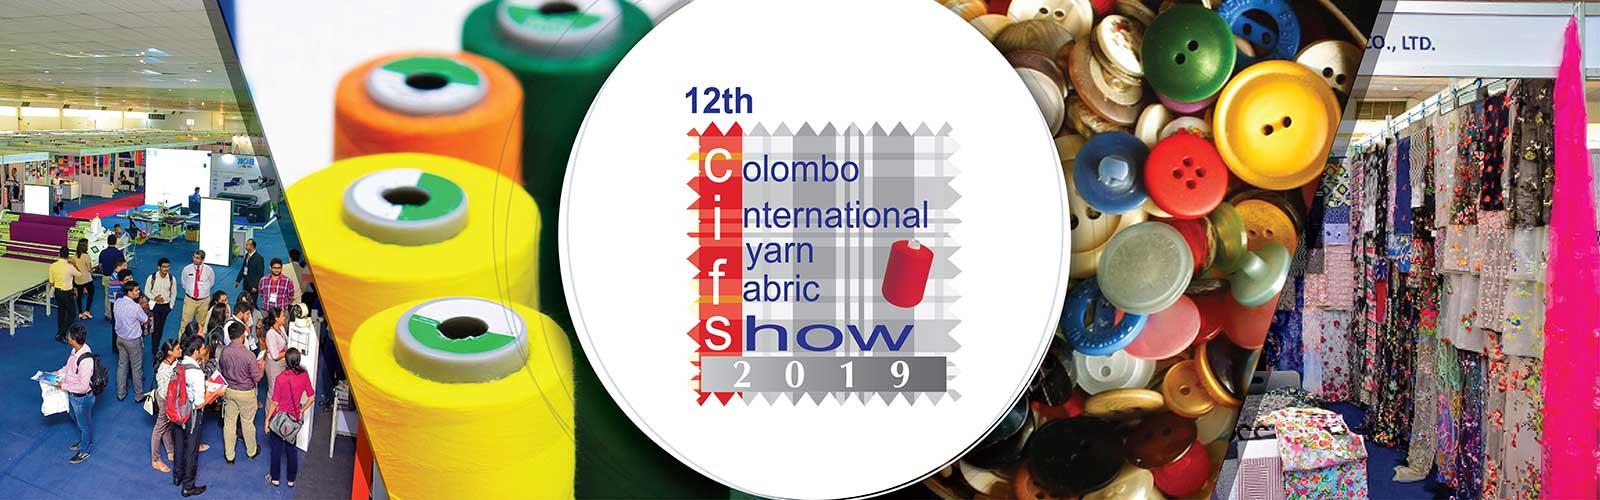 12th Colombo International Yarn & Fabric Show 2019 – Sri Lanka